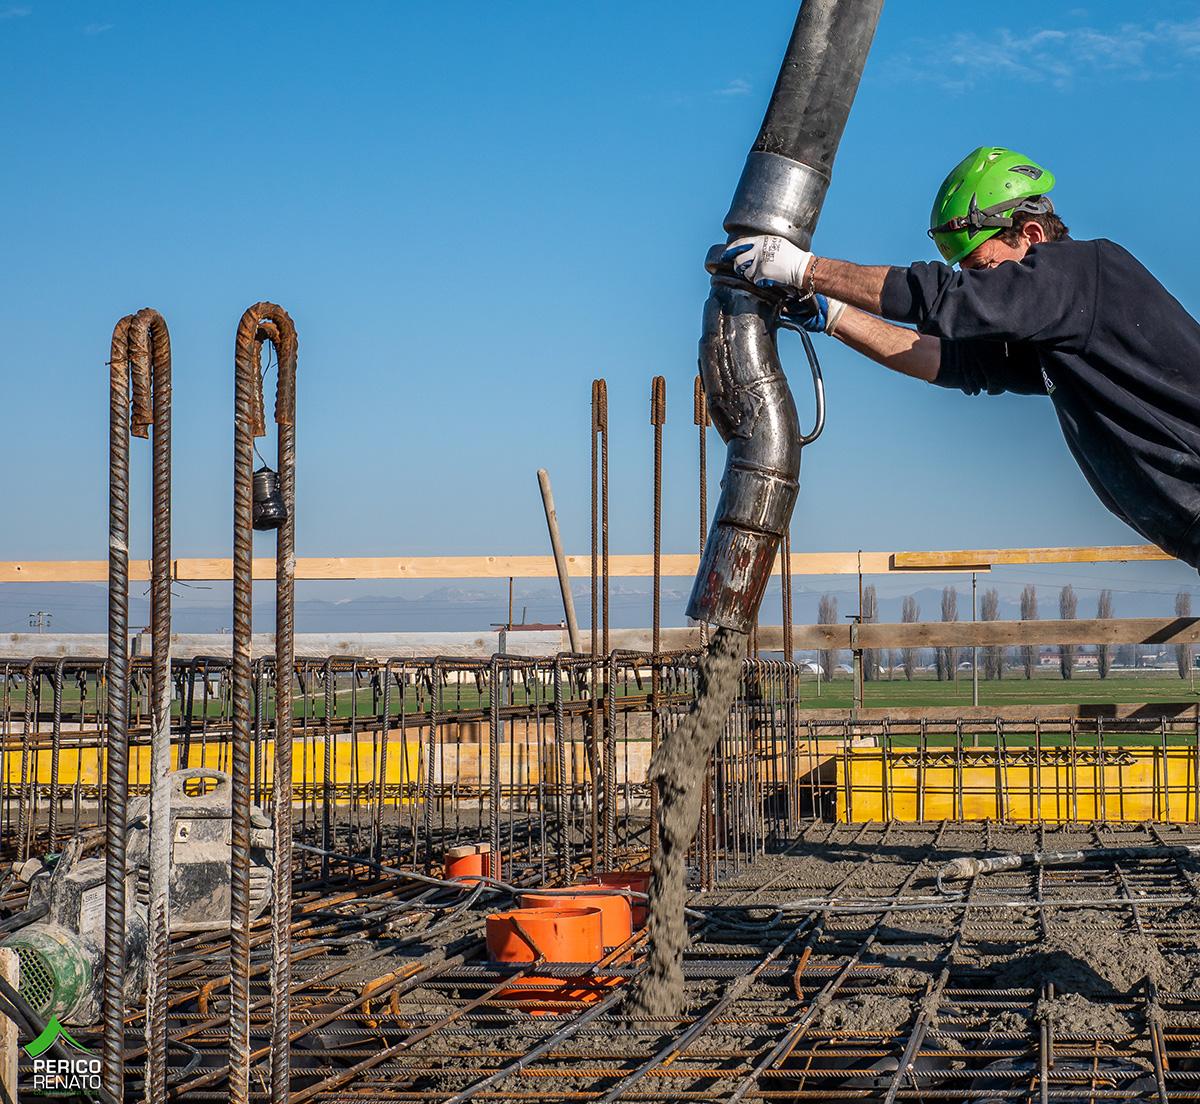 Perico-Renato-Morengo (BG) - Edilizia privata - Nuova costruzione 19